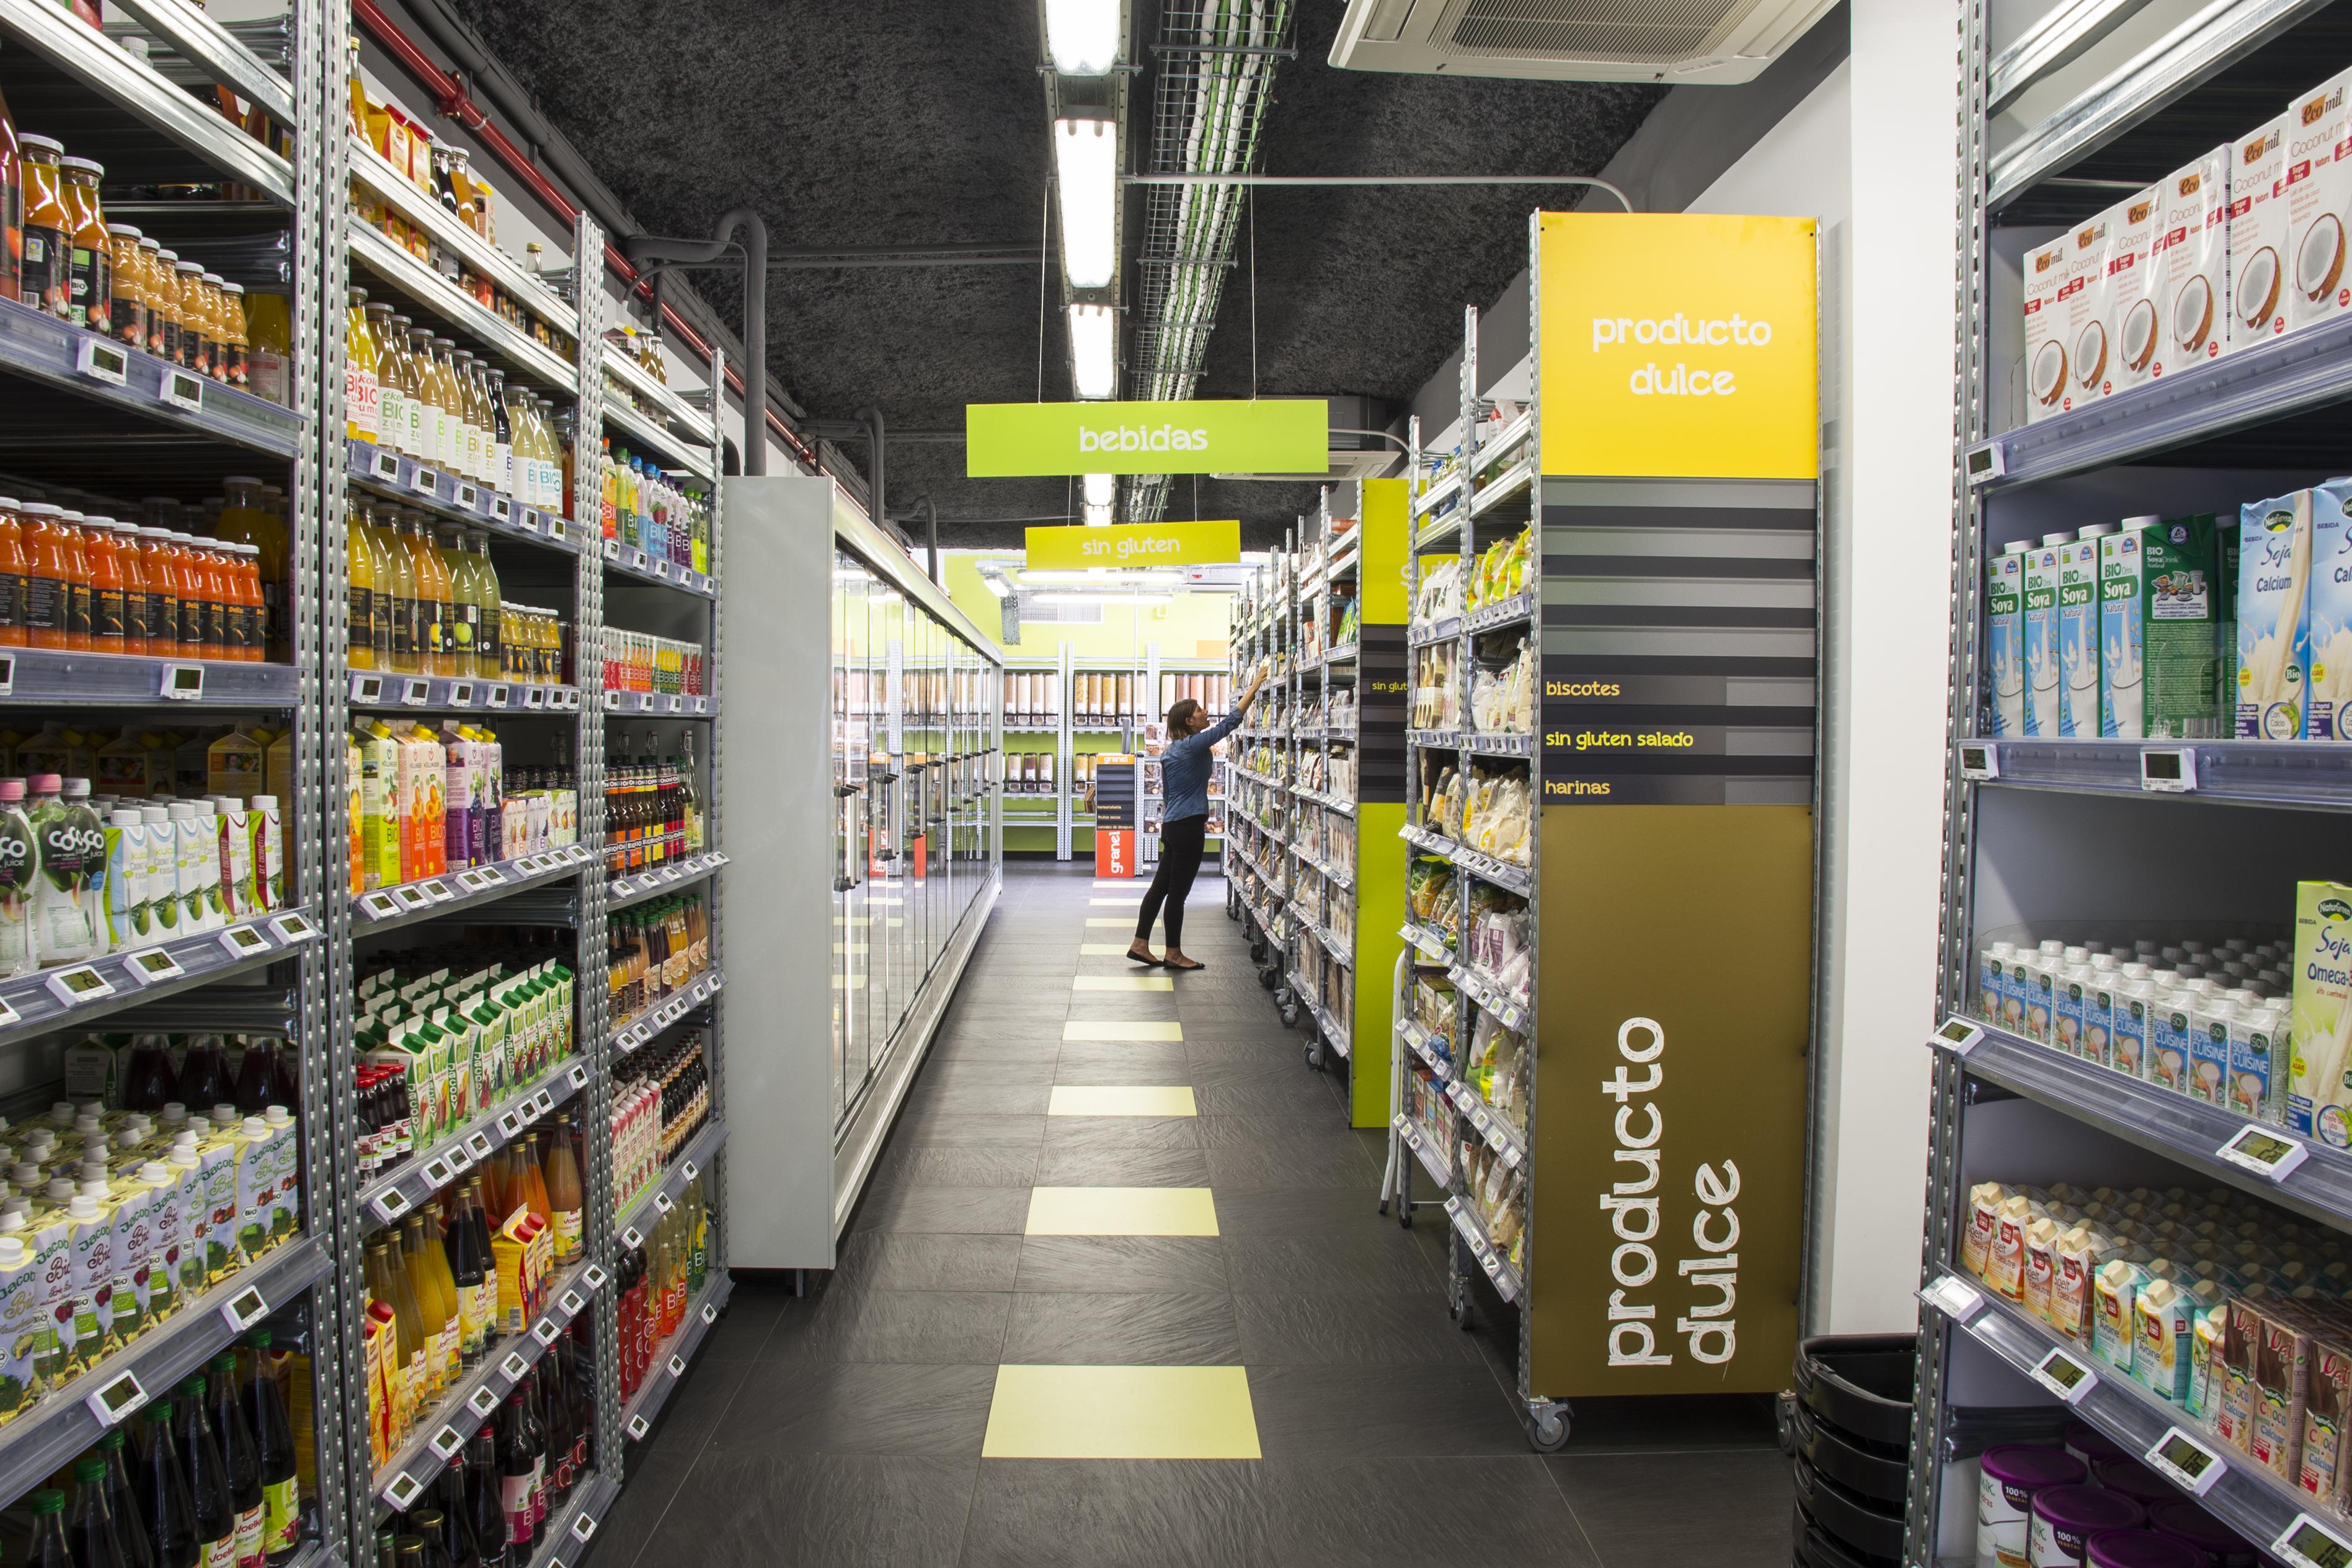 bio c bon la cadena de supermercados bio l der en. Black Bedroom Furniture Sets. Home Design Ideas